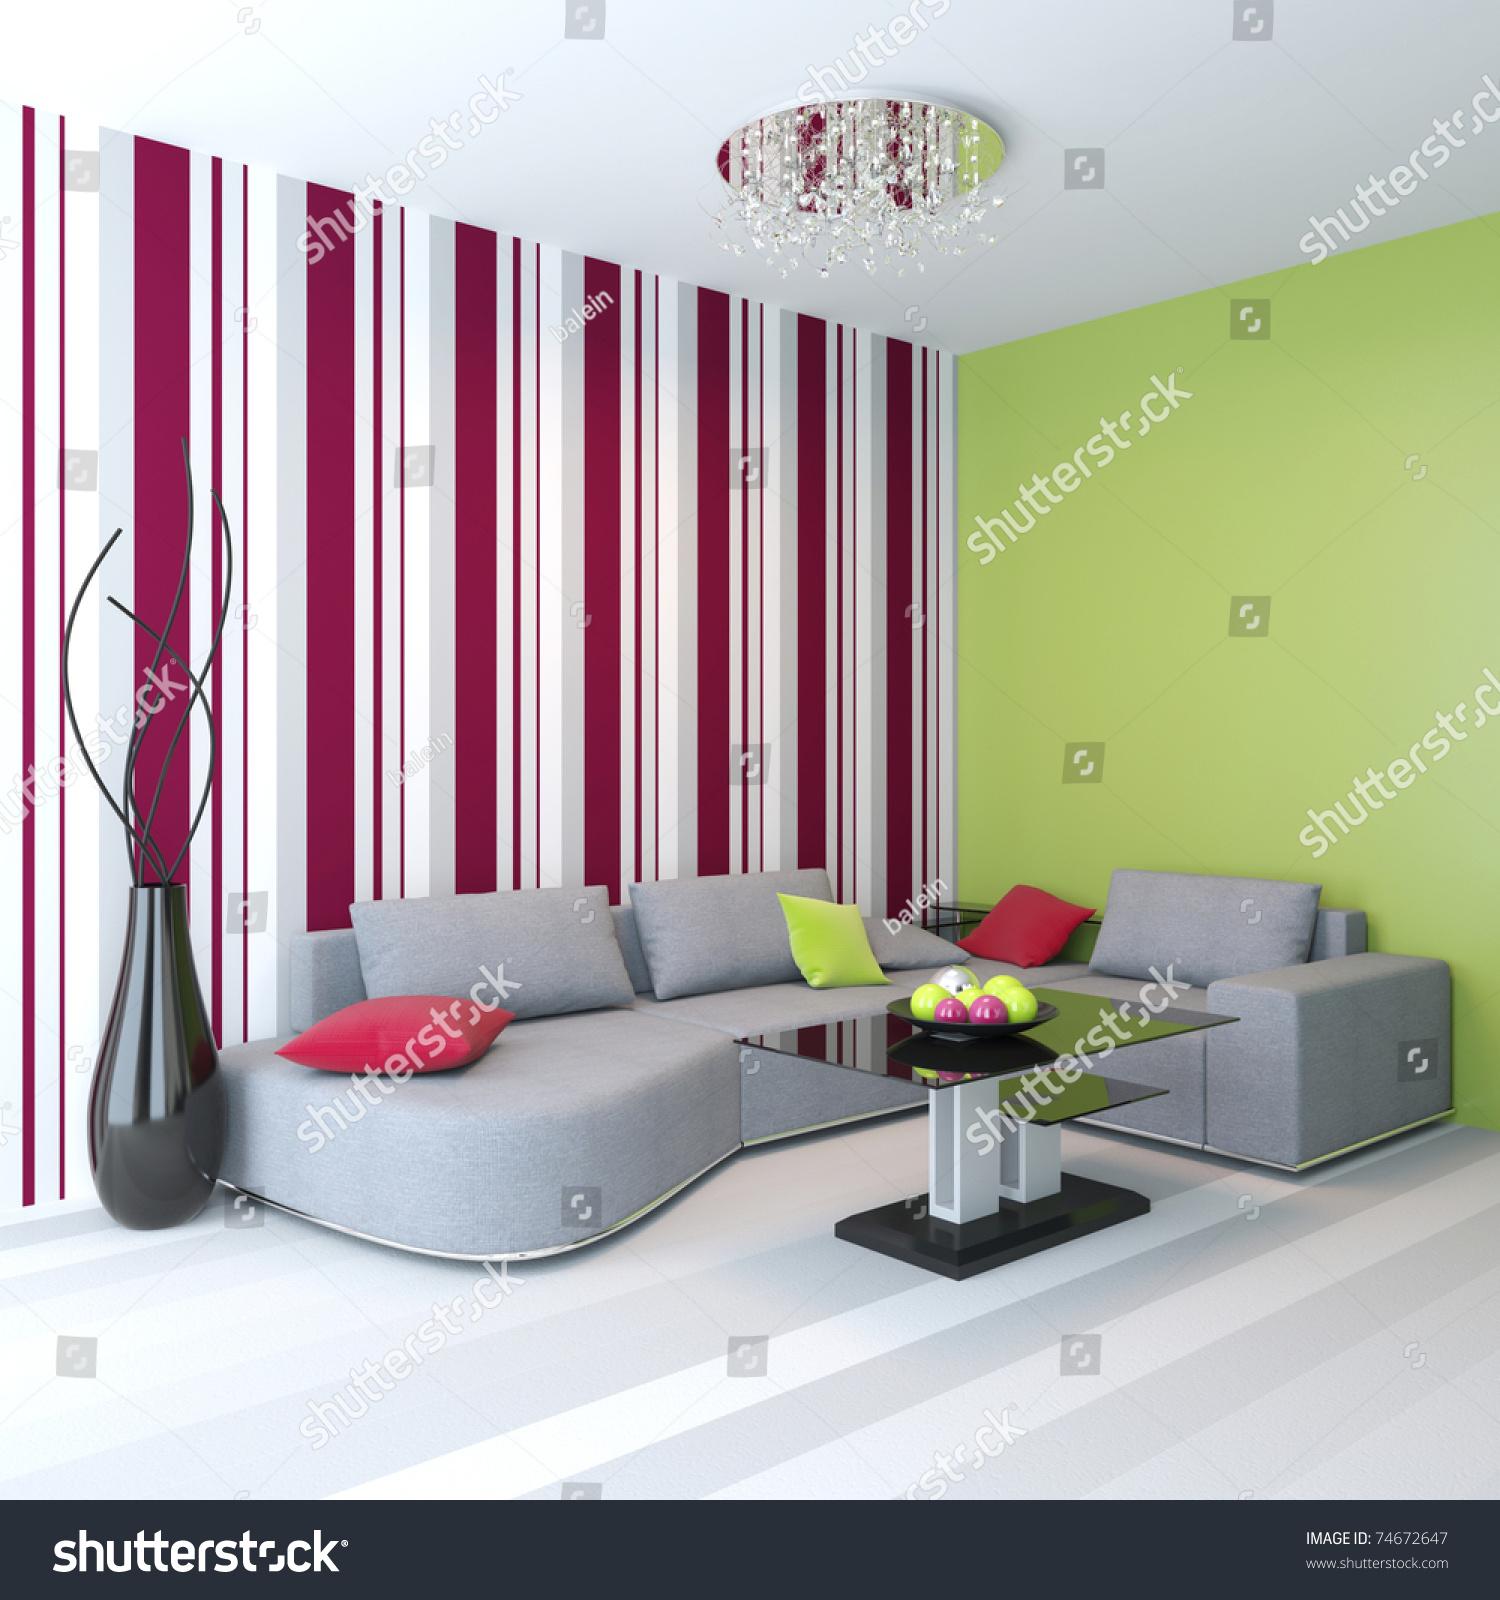 Angular Sofa This Design Sofa In Espresso Tones bines Button